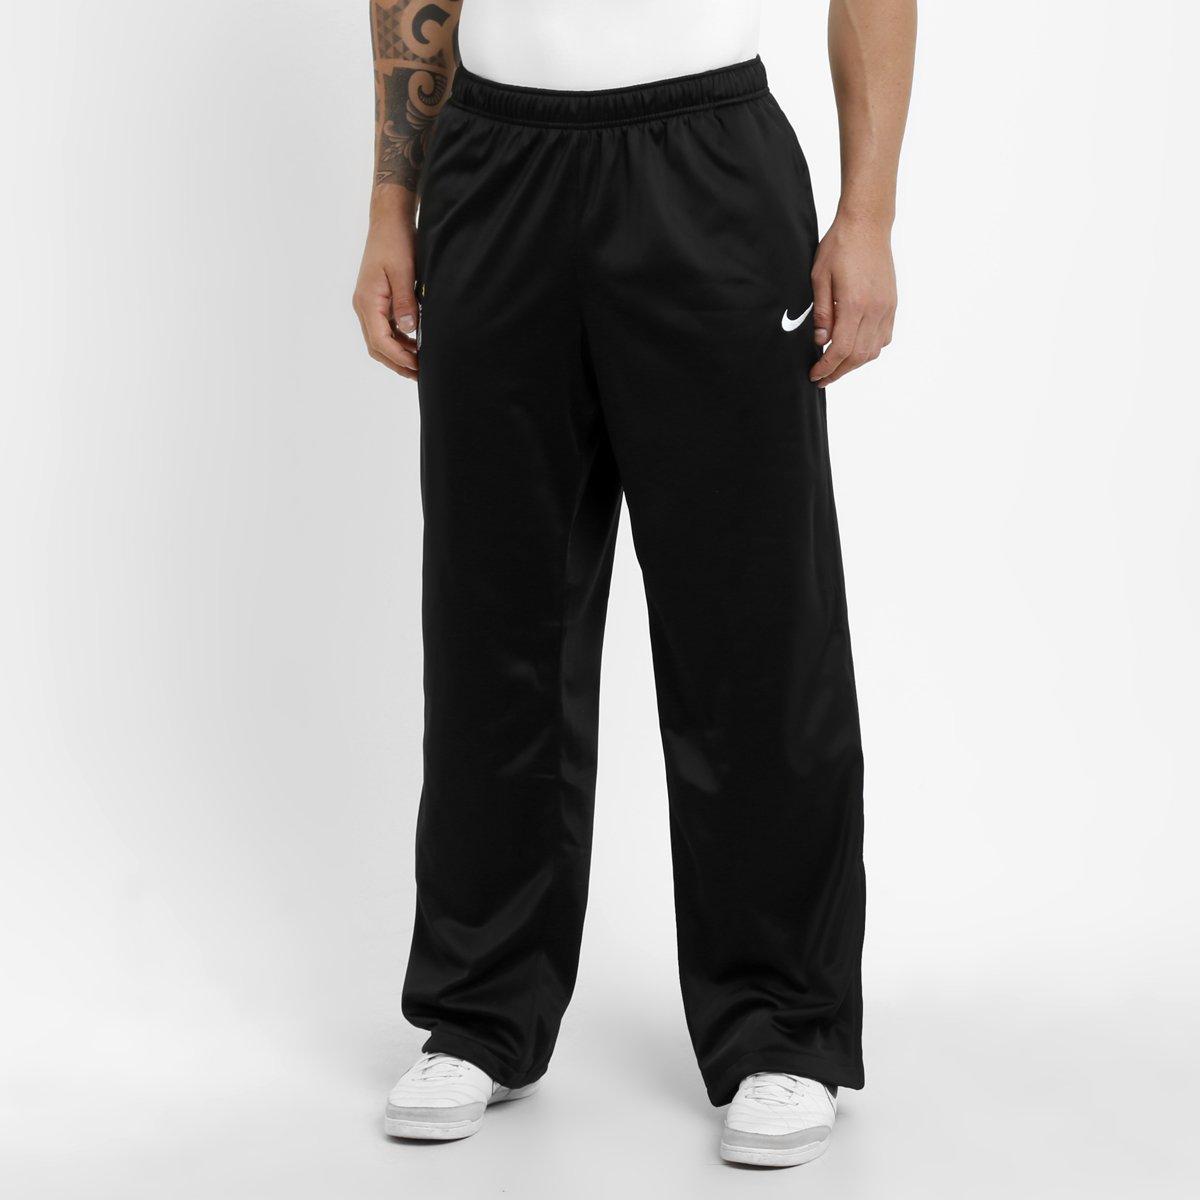 Calça Nike Santos Viagem 12 13 - Compre Agora  8acf5207d2bf5